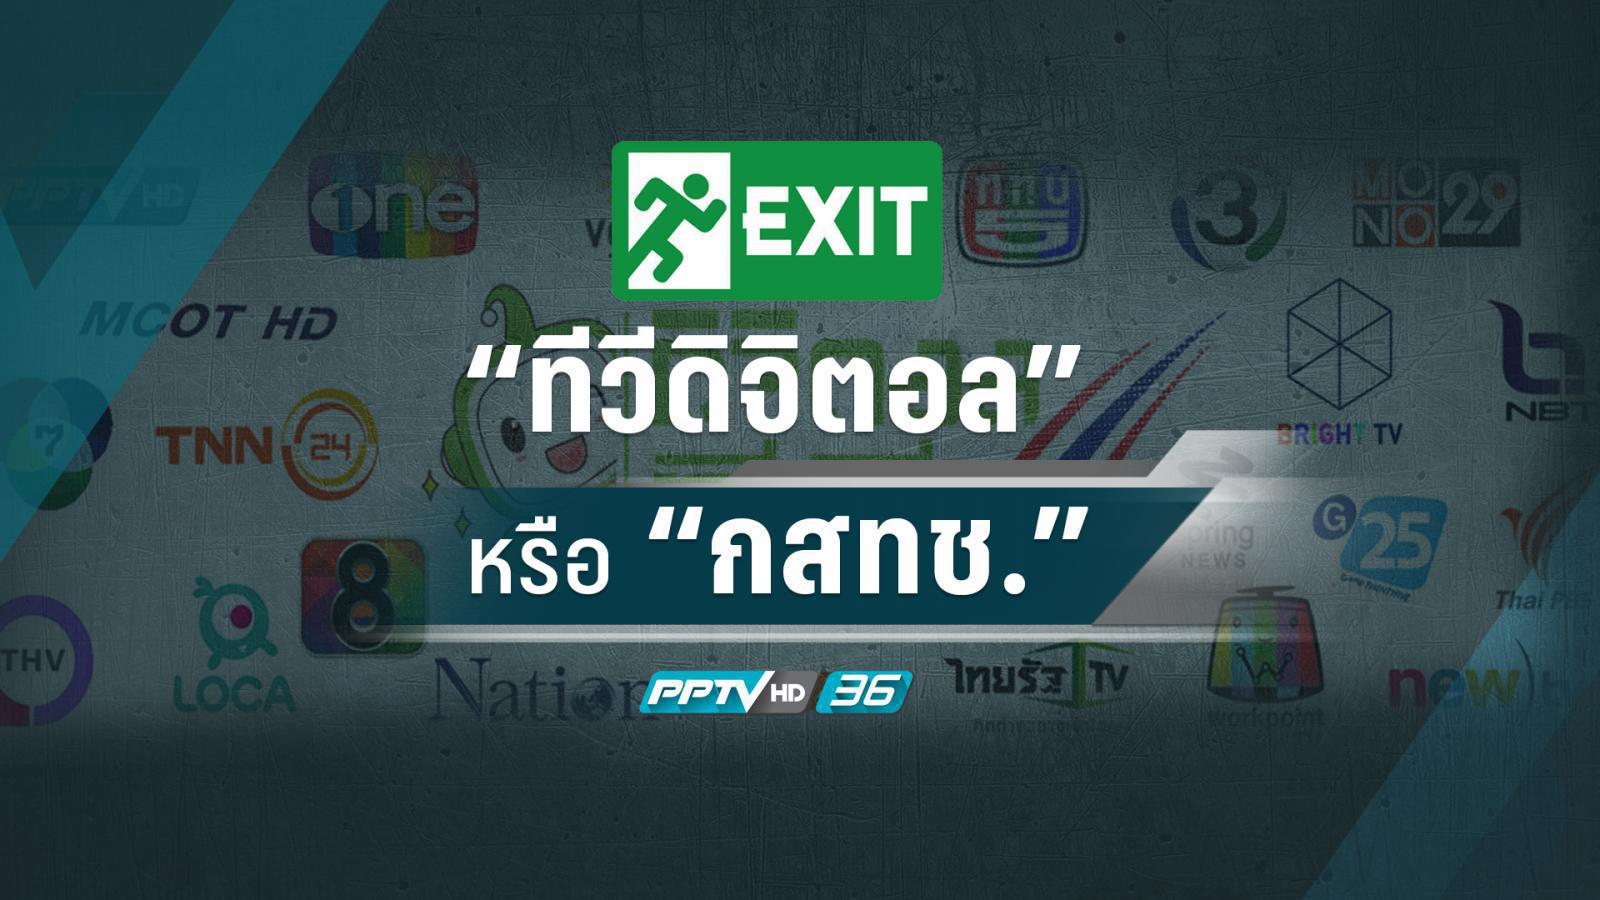 """คำตัดสินคดี """"เจ๊ติ๋ม ทีวีพูล"""" ทางสว่างทีวีดิจิตอลไทย?"""